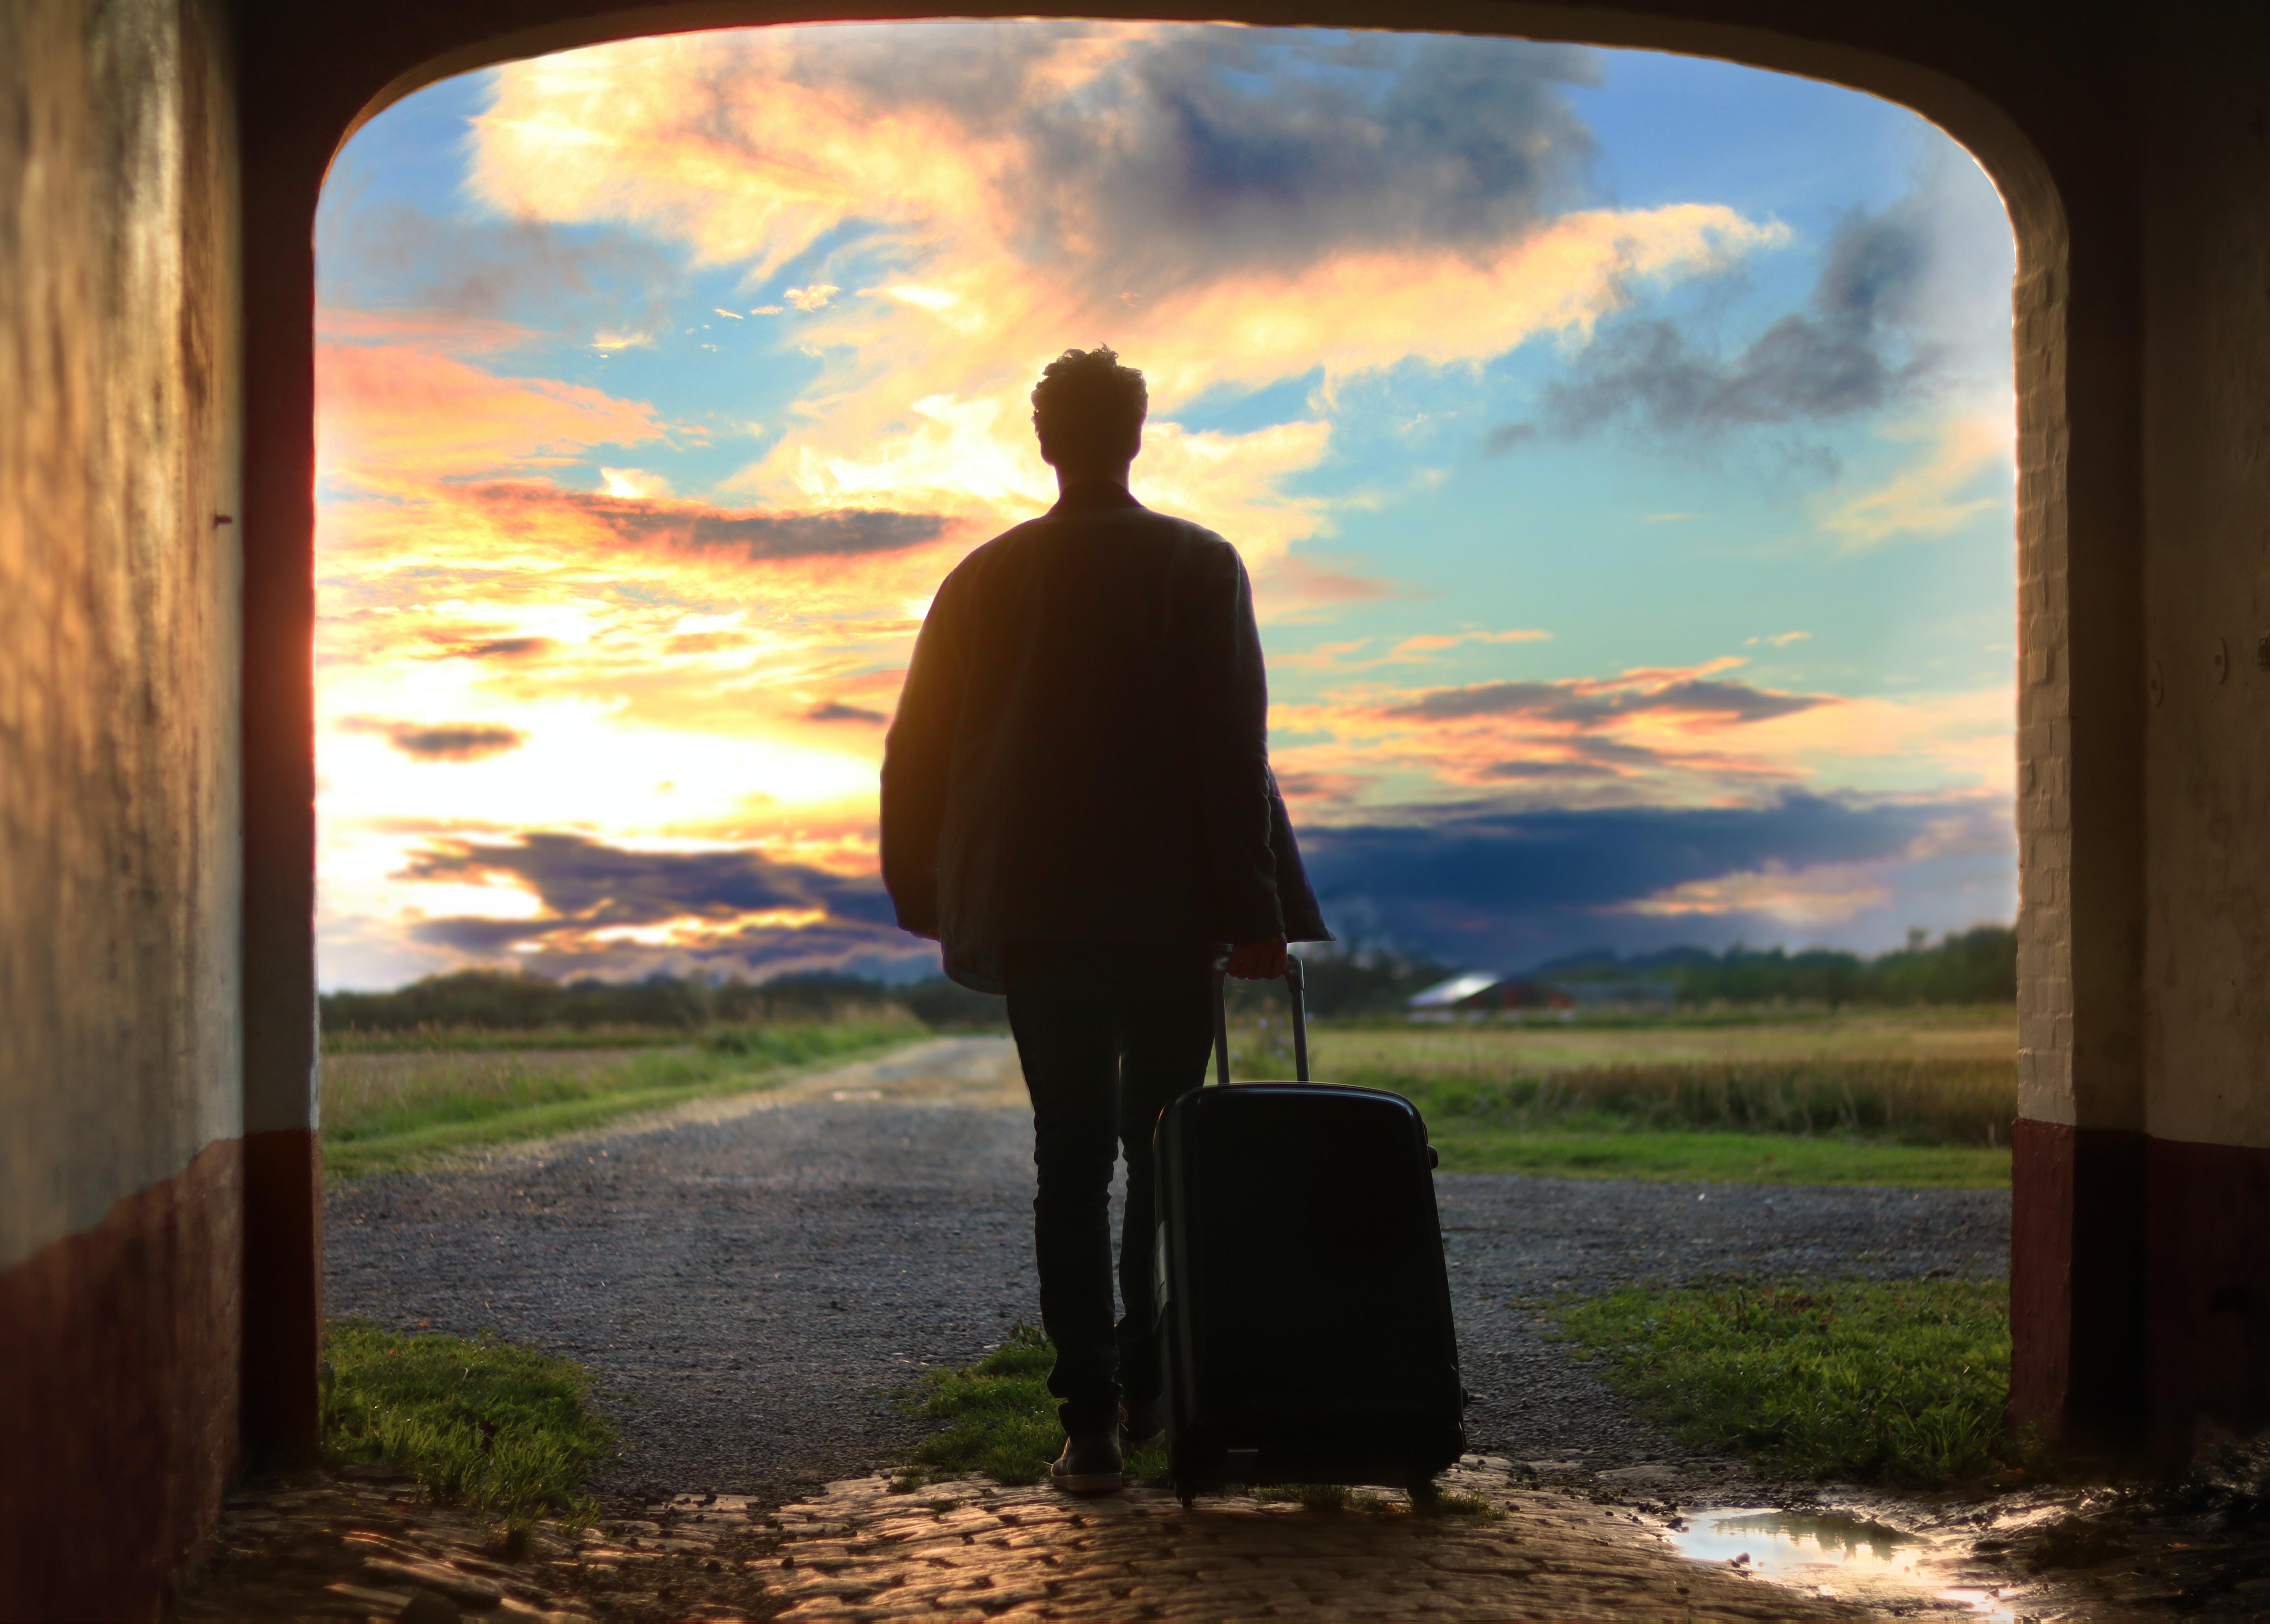 Krim-Interview (3/5): Wieso mehr Reiselust vielleicht ein Referendum verhindert hätte